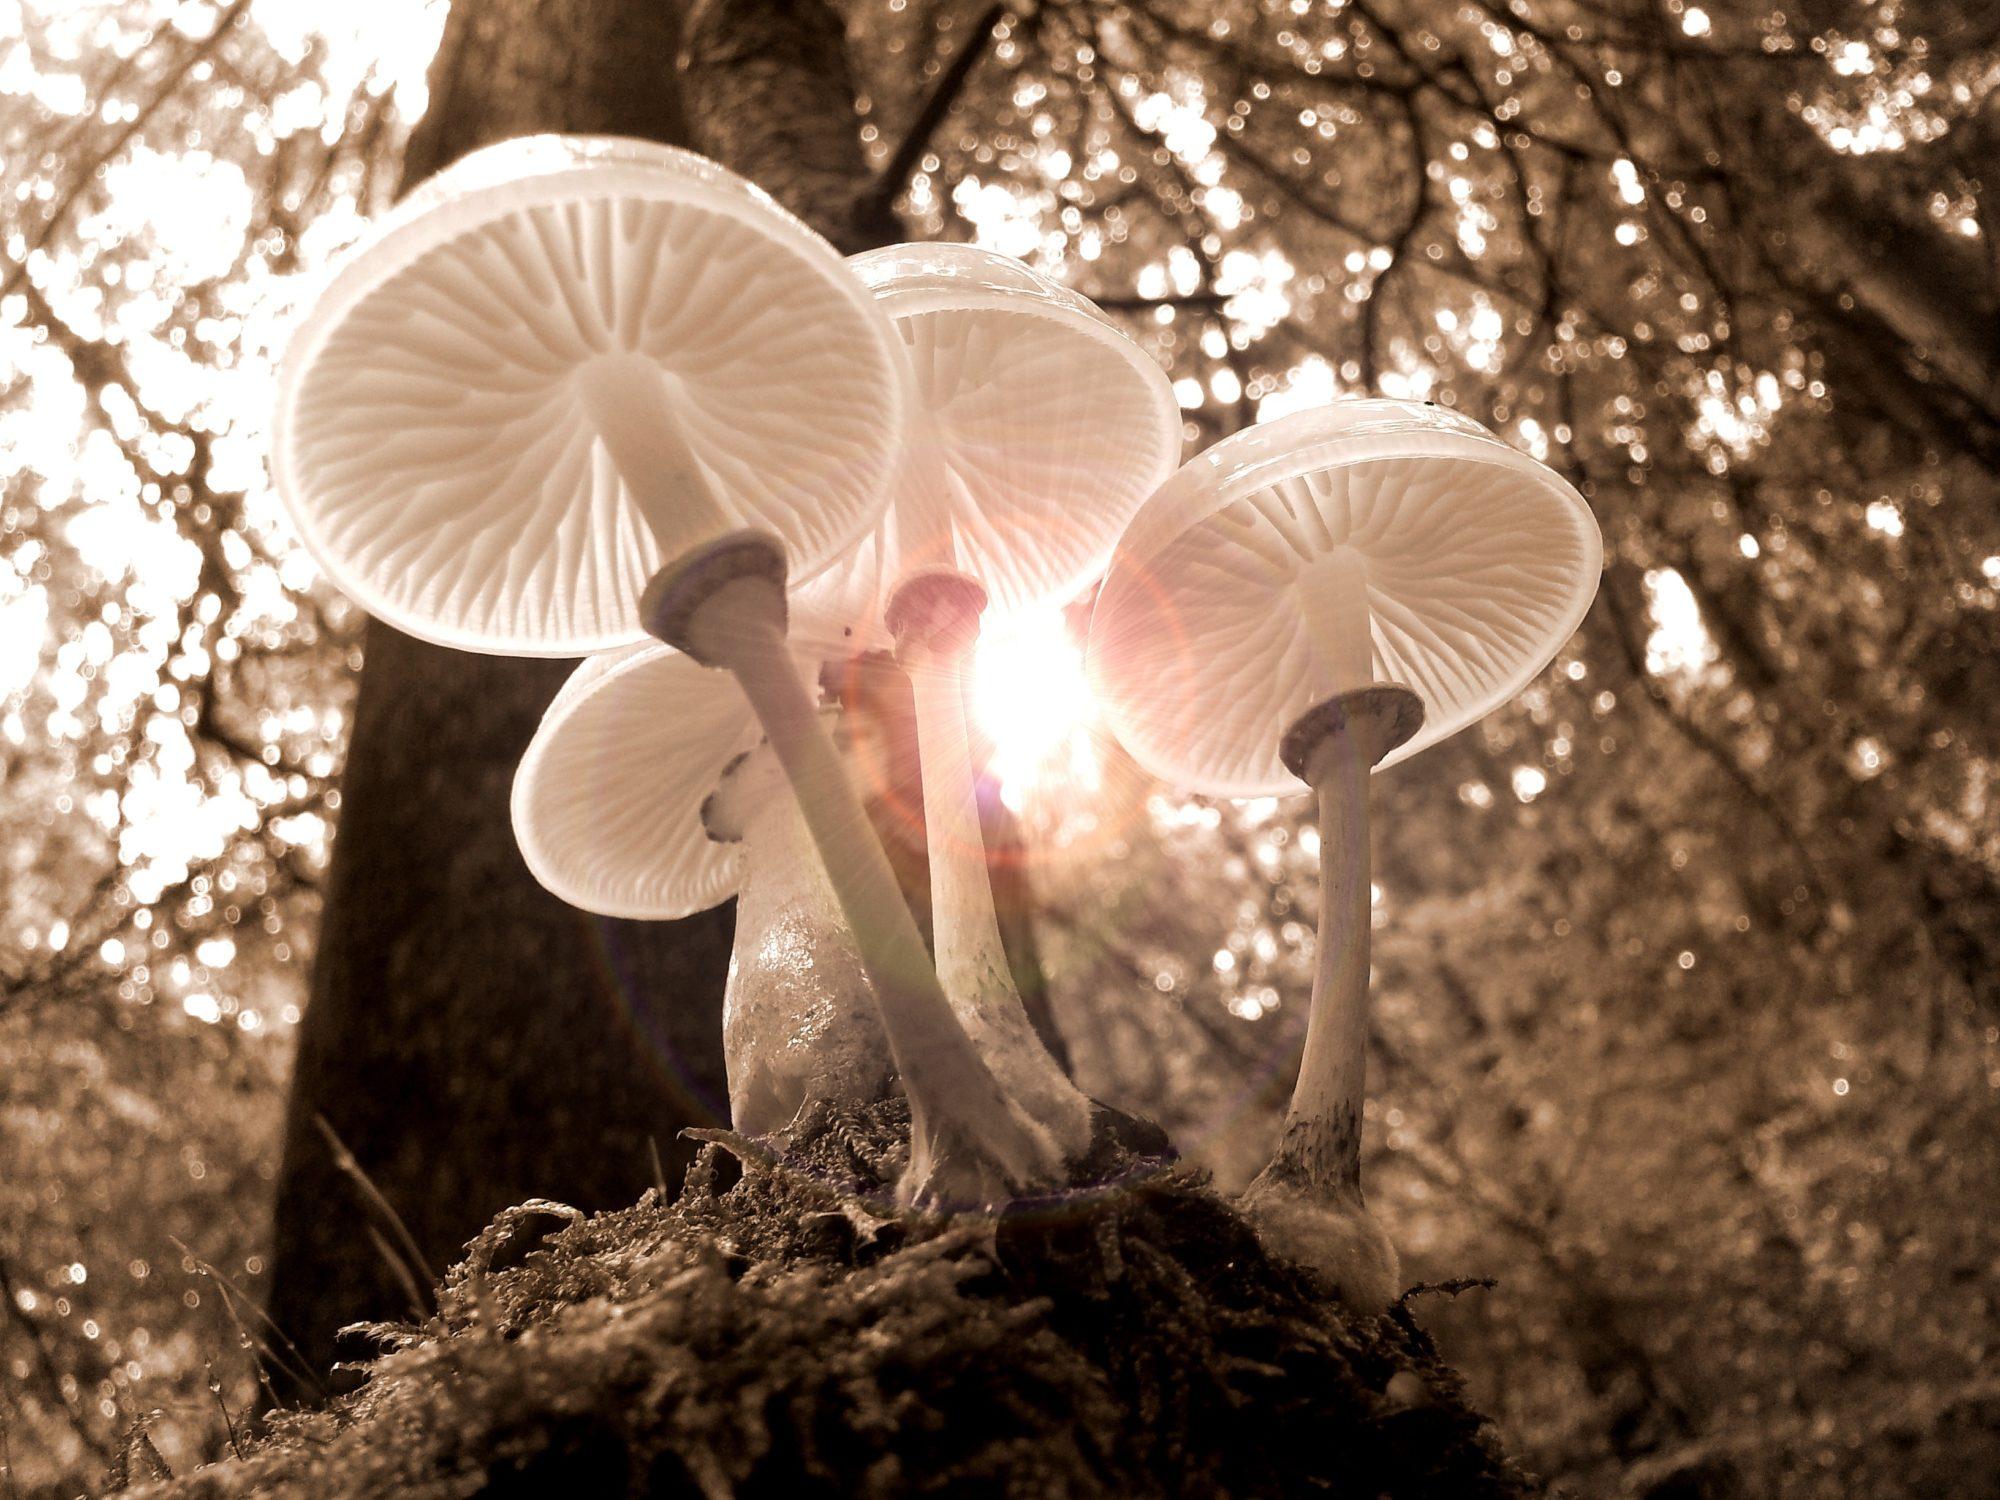 Psilocybin Mushrooms Are Making A Comeback